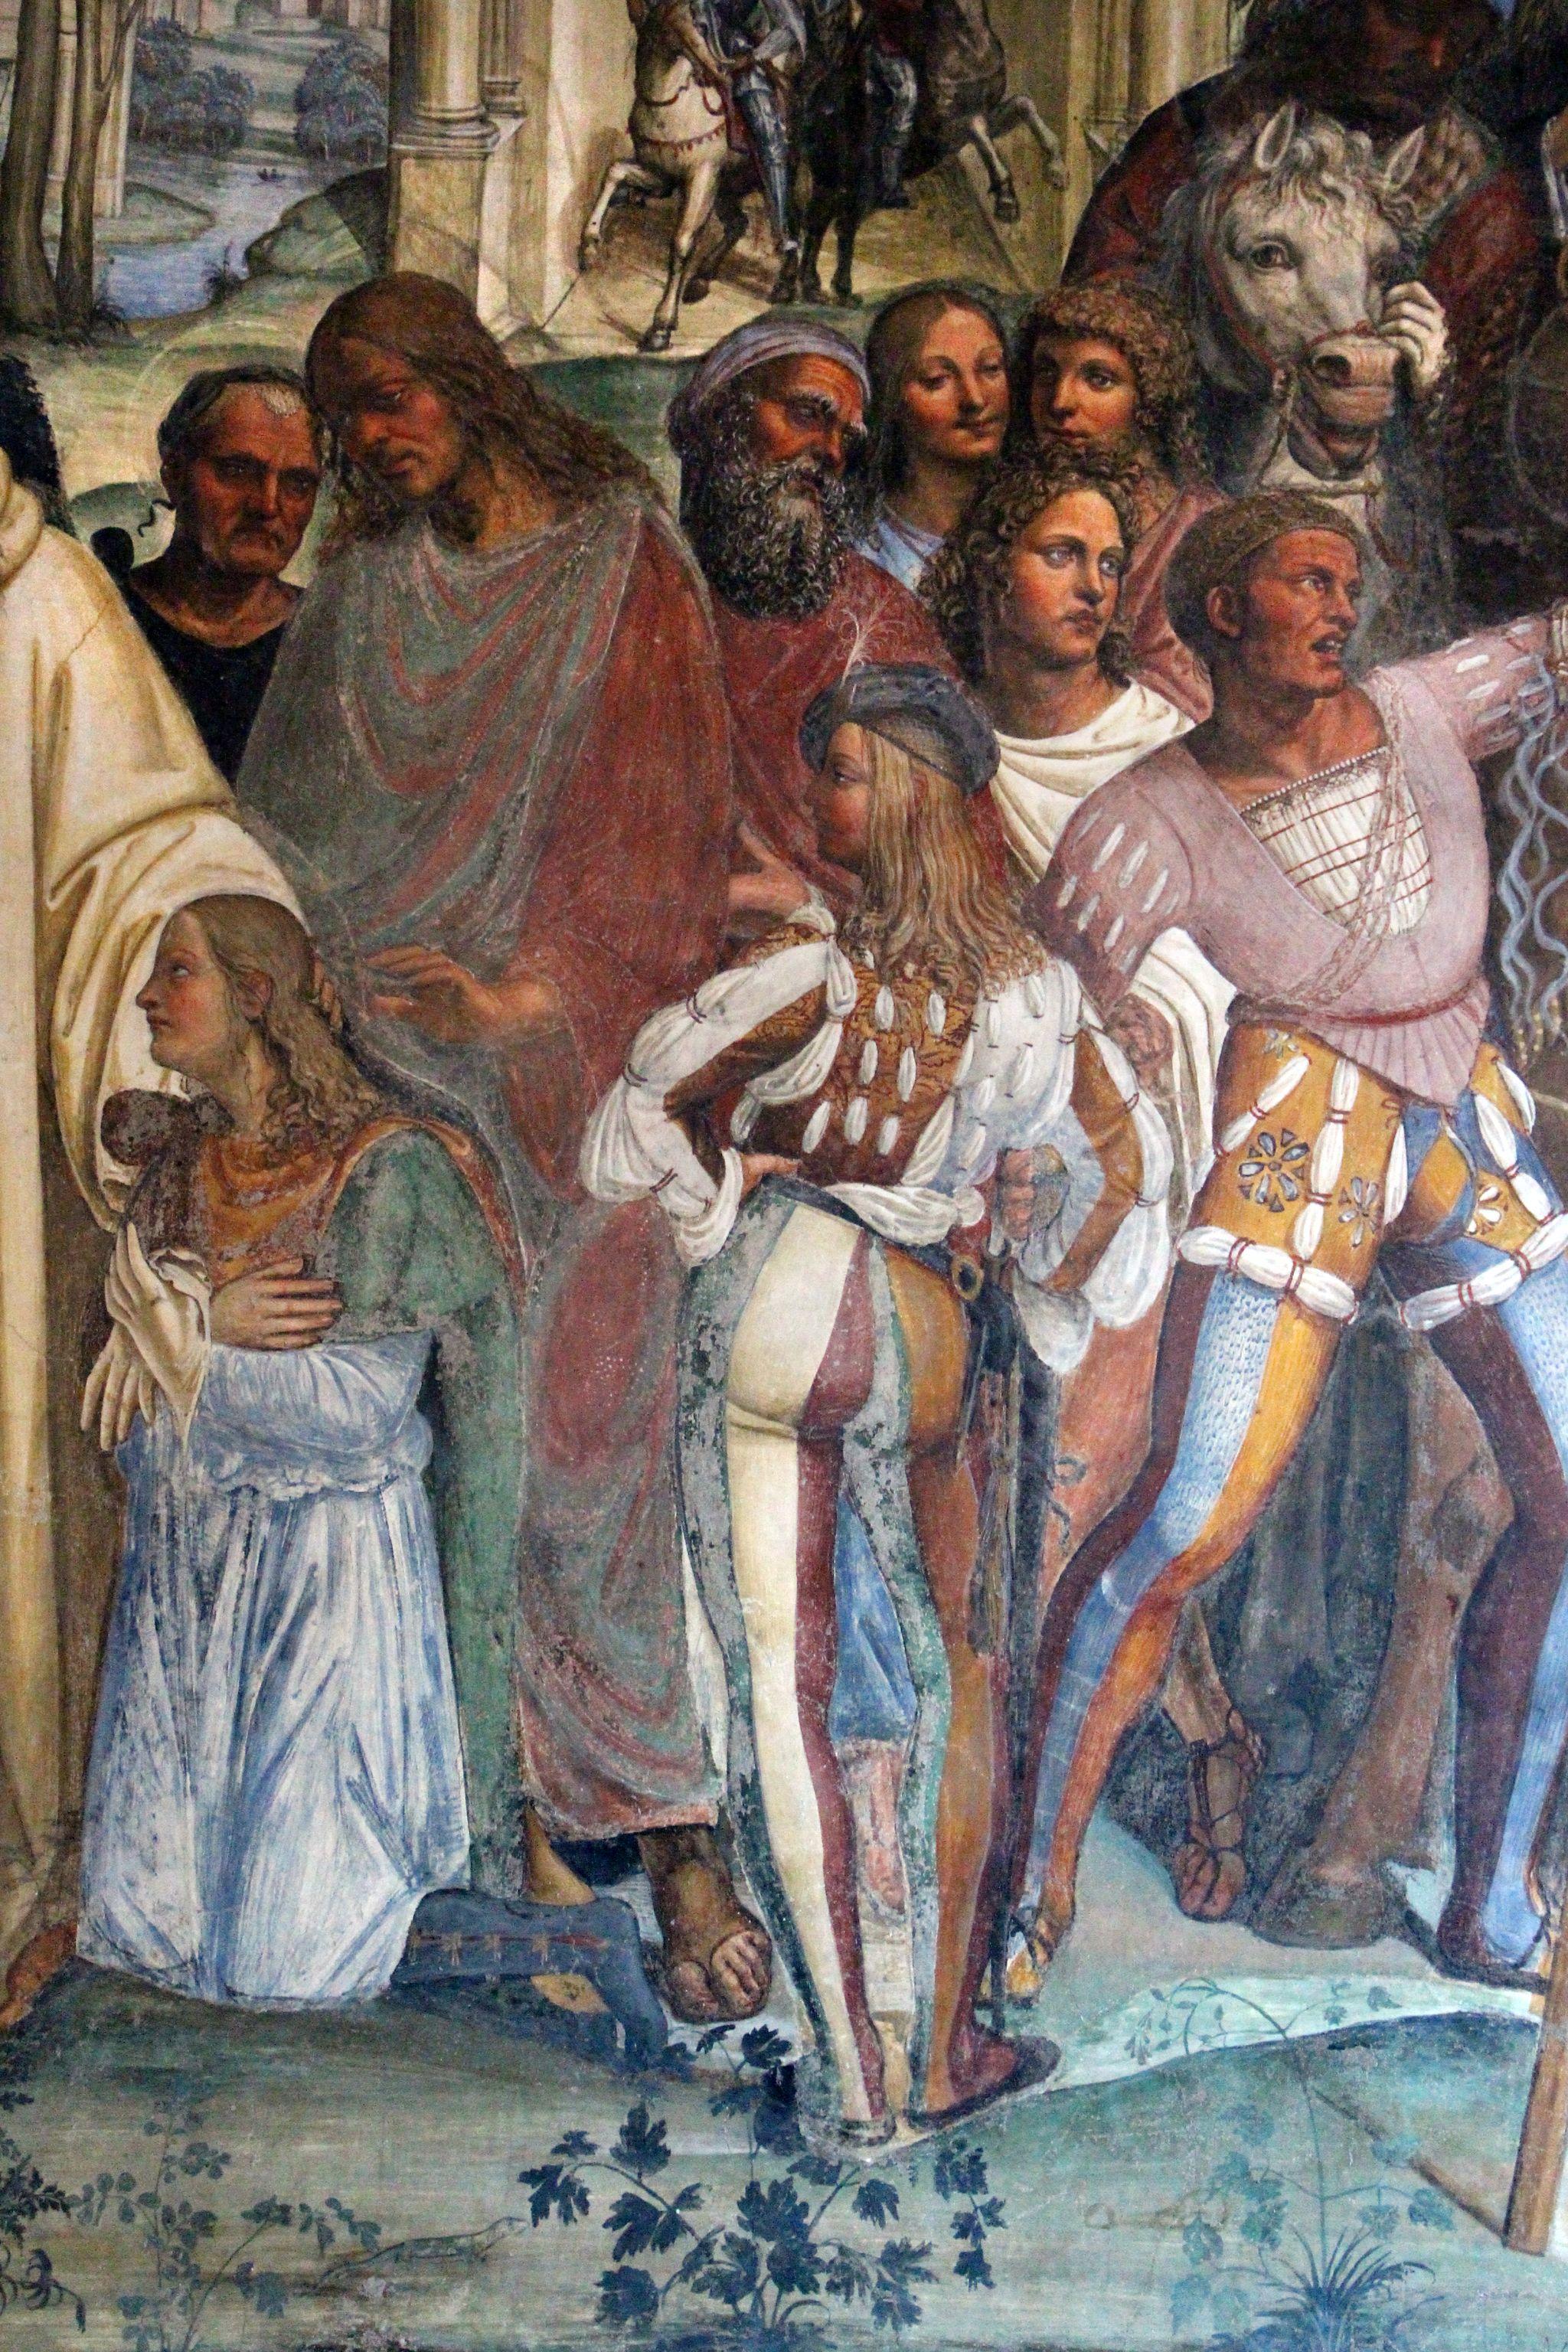 Storie di s. benedetto, 12 sodoma - Come Benedetto riceve li due giovanetti romani Mauro e Placido 06